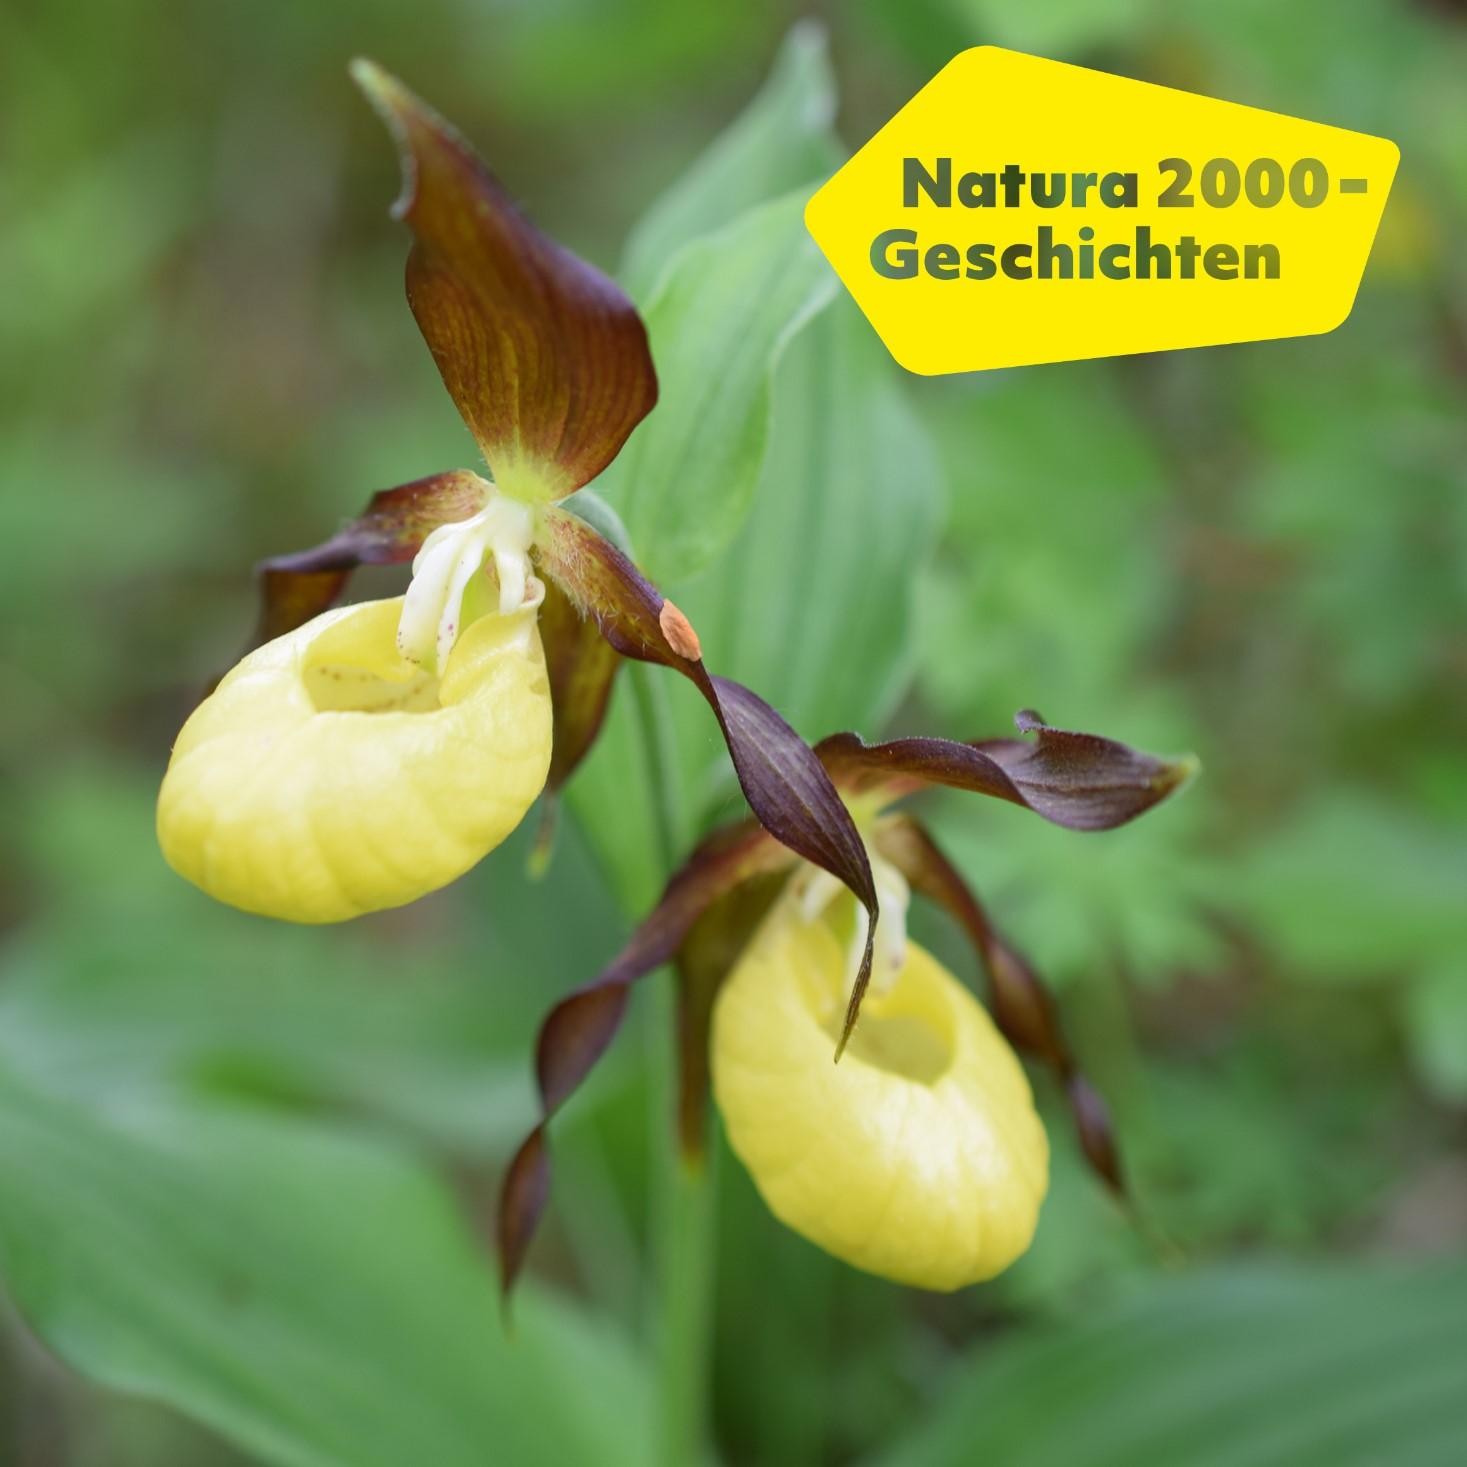 Natura 2000-Geschichten